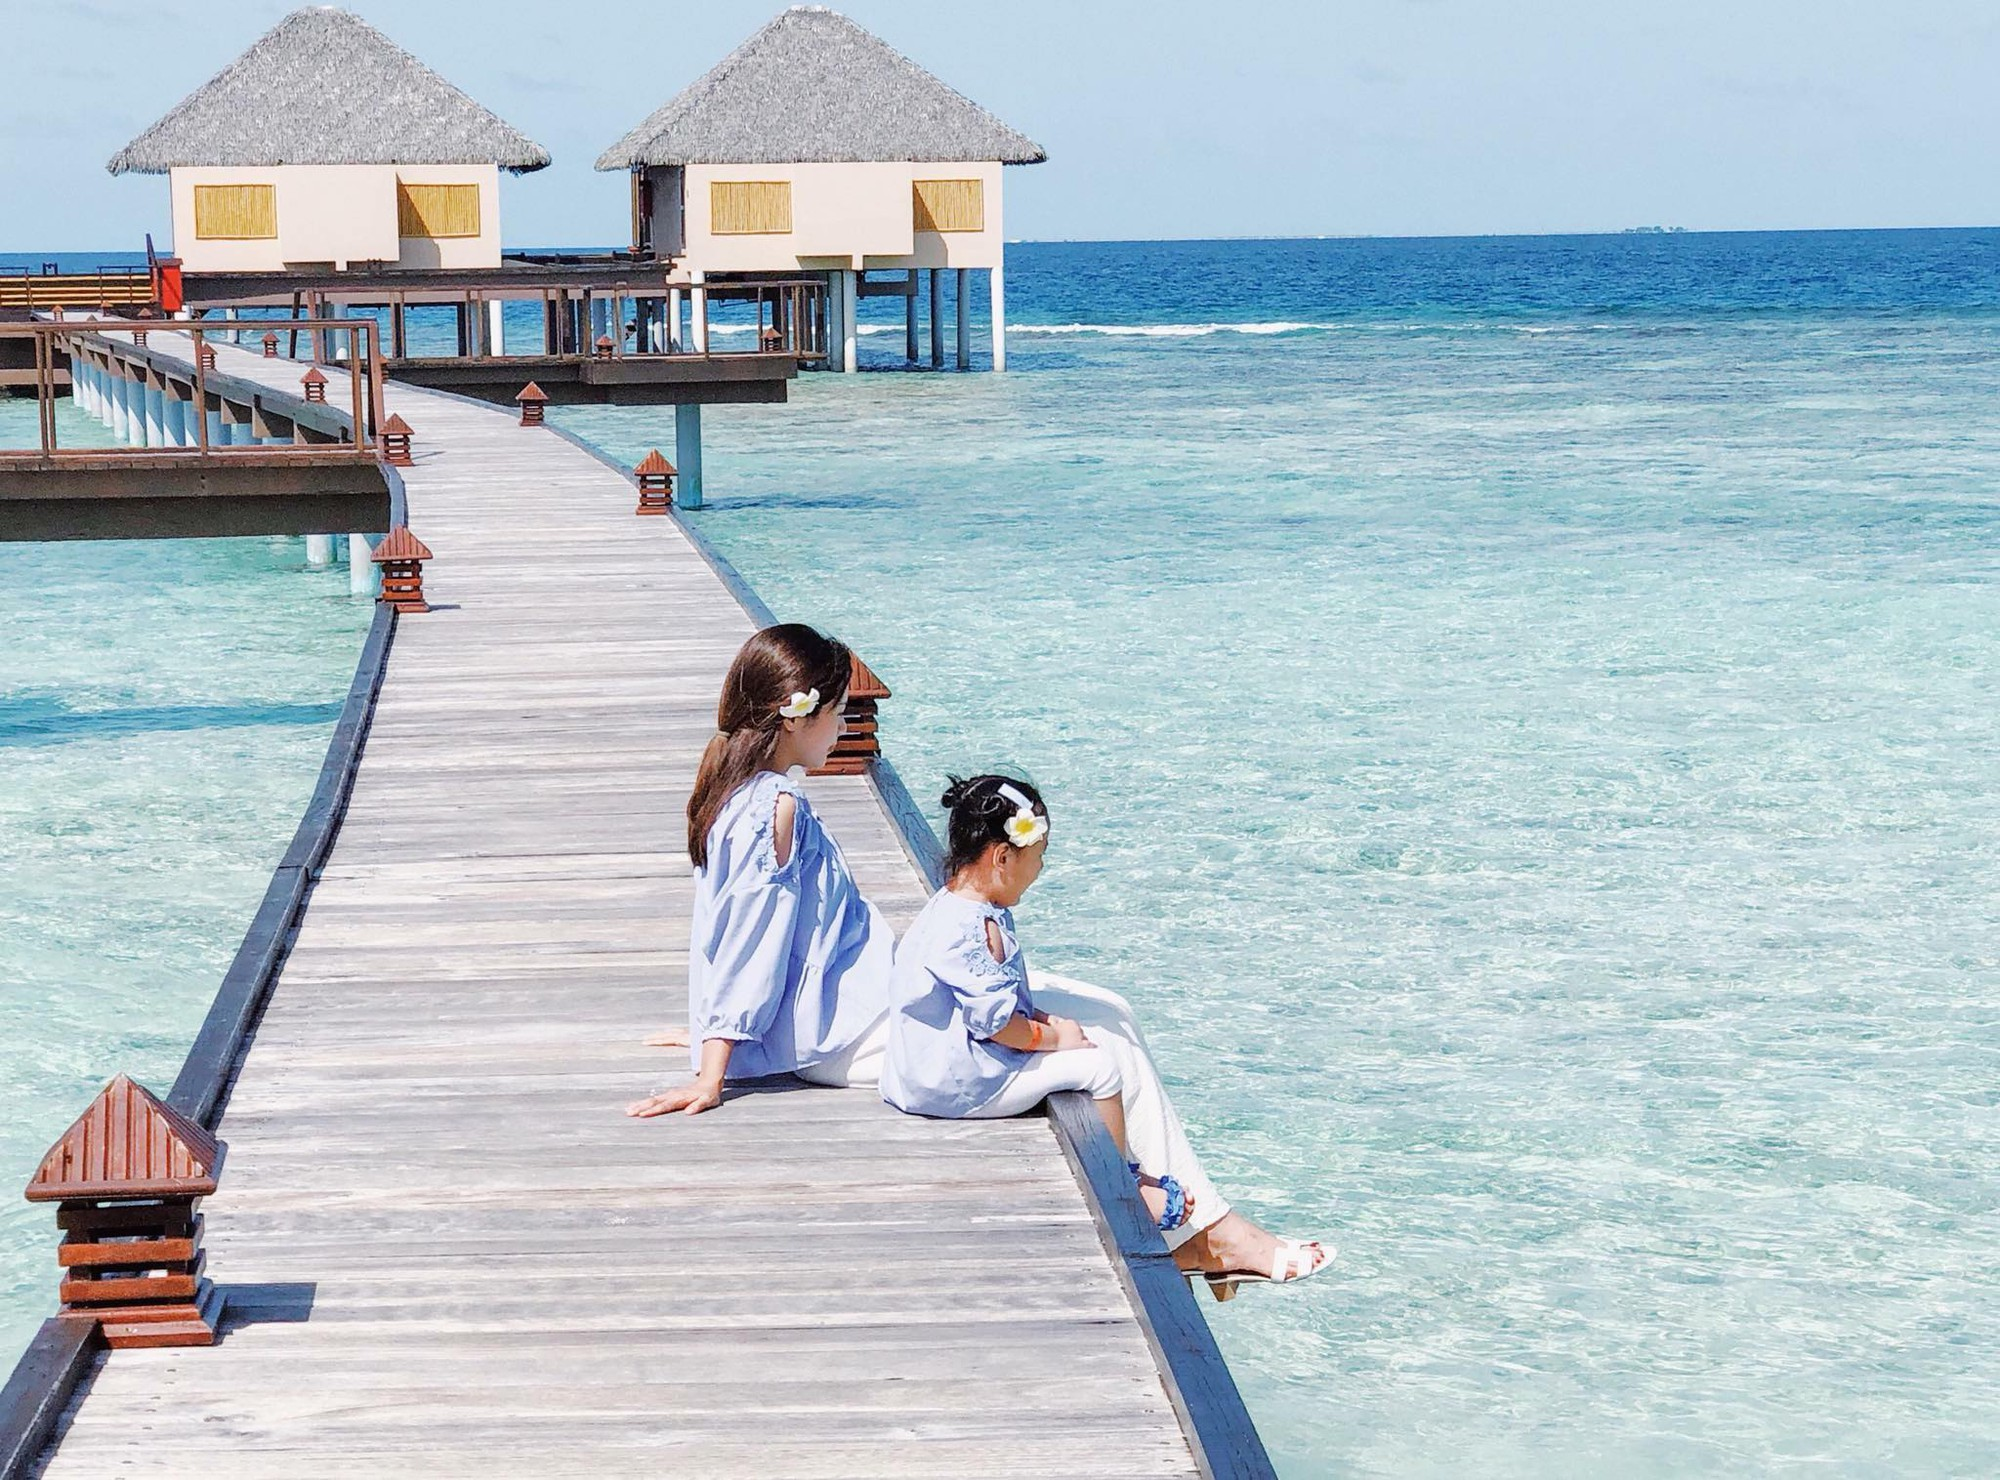 Nàng Hoa hậu người Việt tại Mỹ chia sẻ bí quyết dù con bé tí hin vẫn cùng chồng đi thiên đường tình yêu Maldives lãng mạn - Ảnh 16.